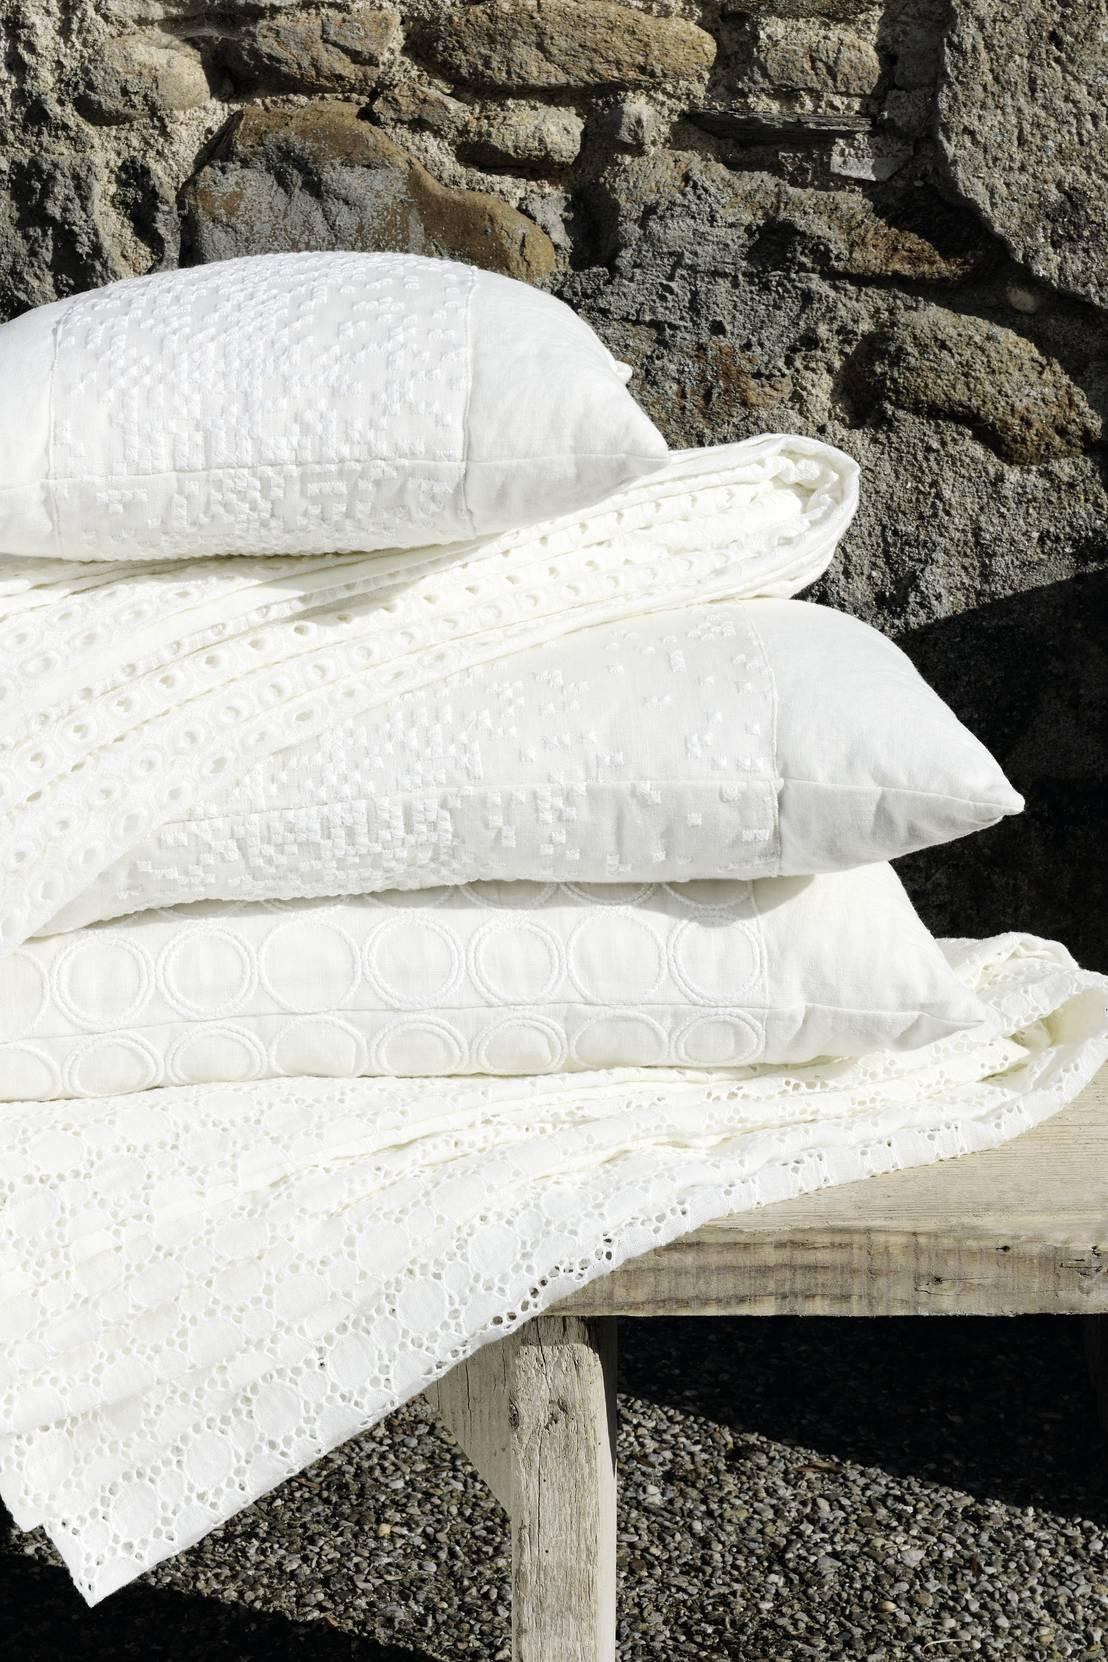 Il miglior tessuto in estate il lino anche per vestire la casa - Miglior antifurto casa forum ...